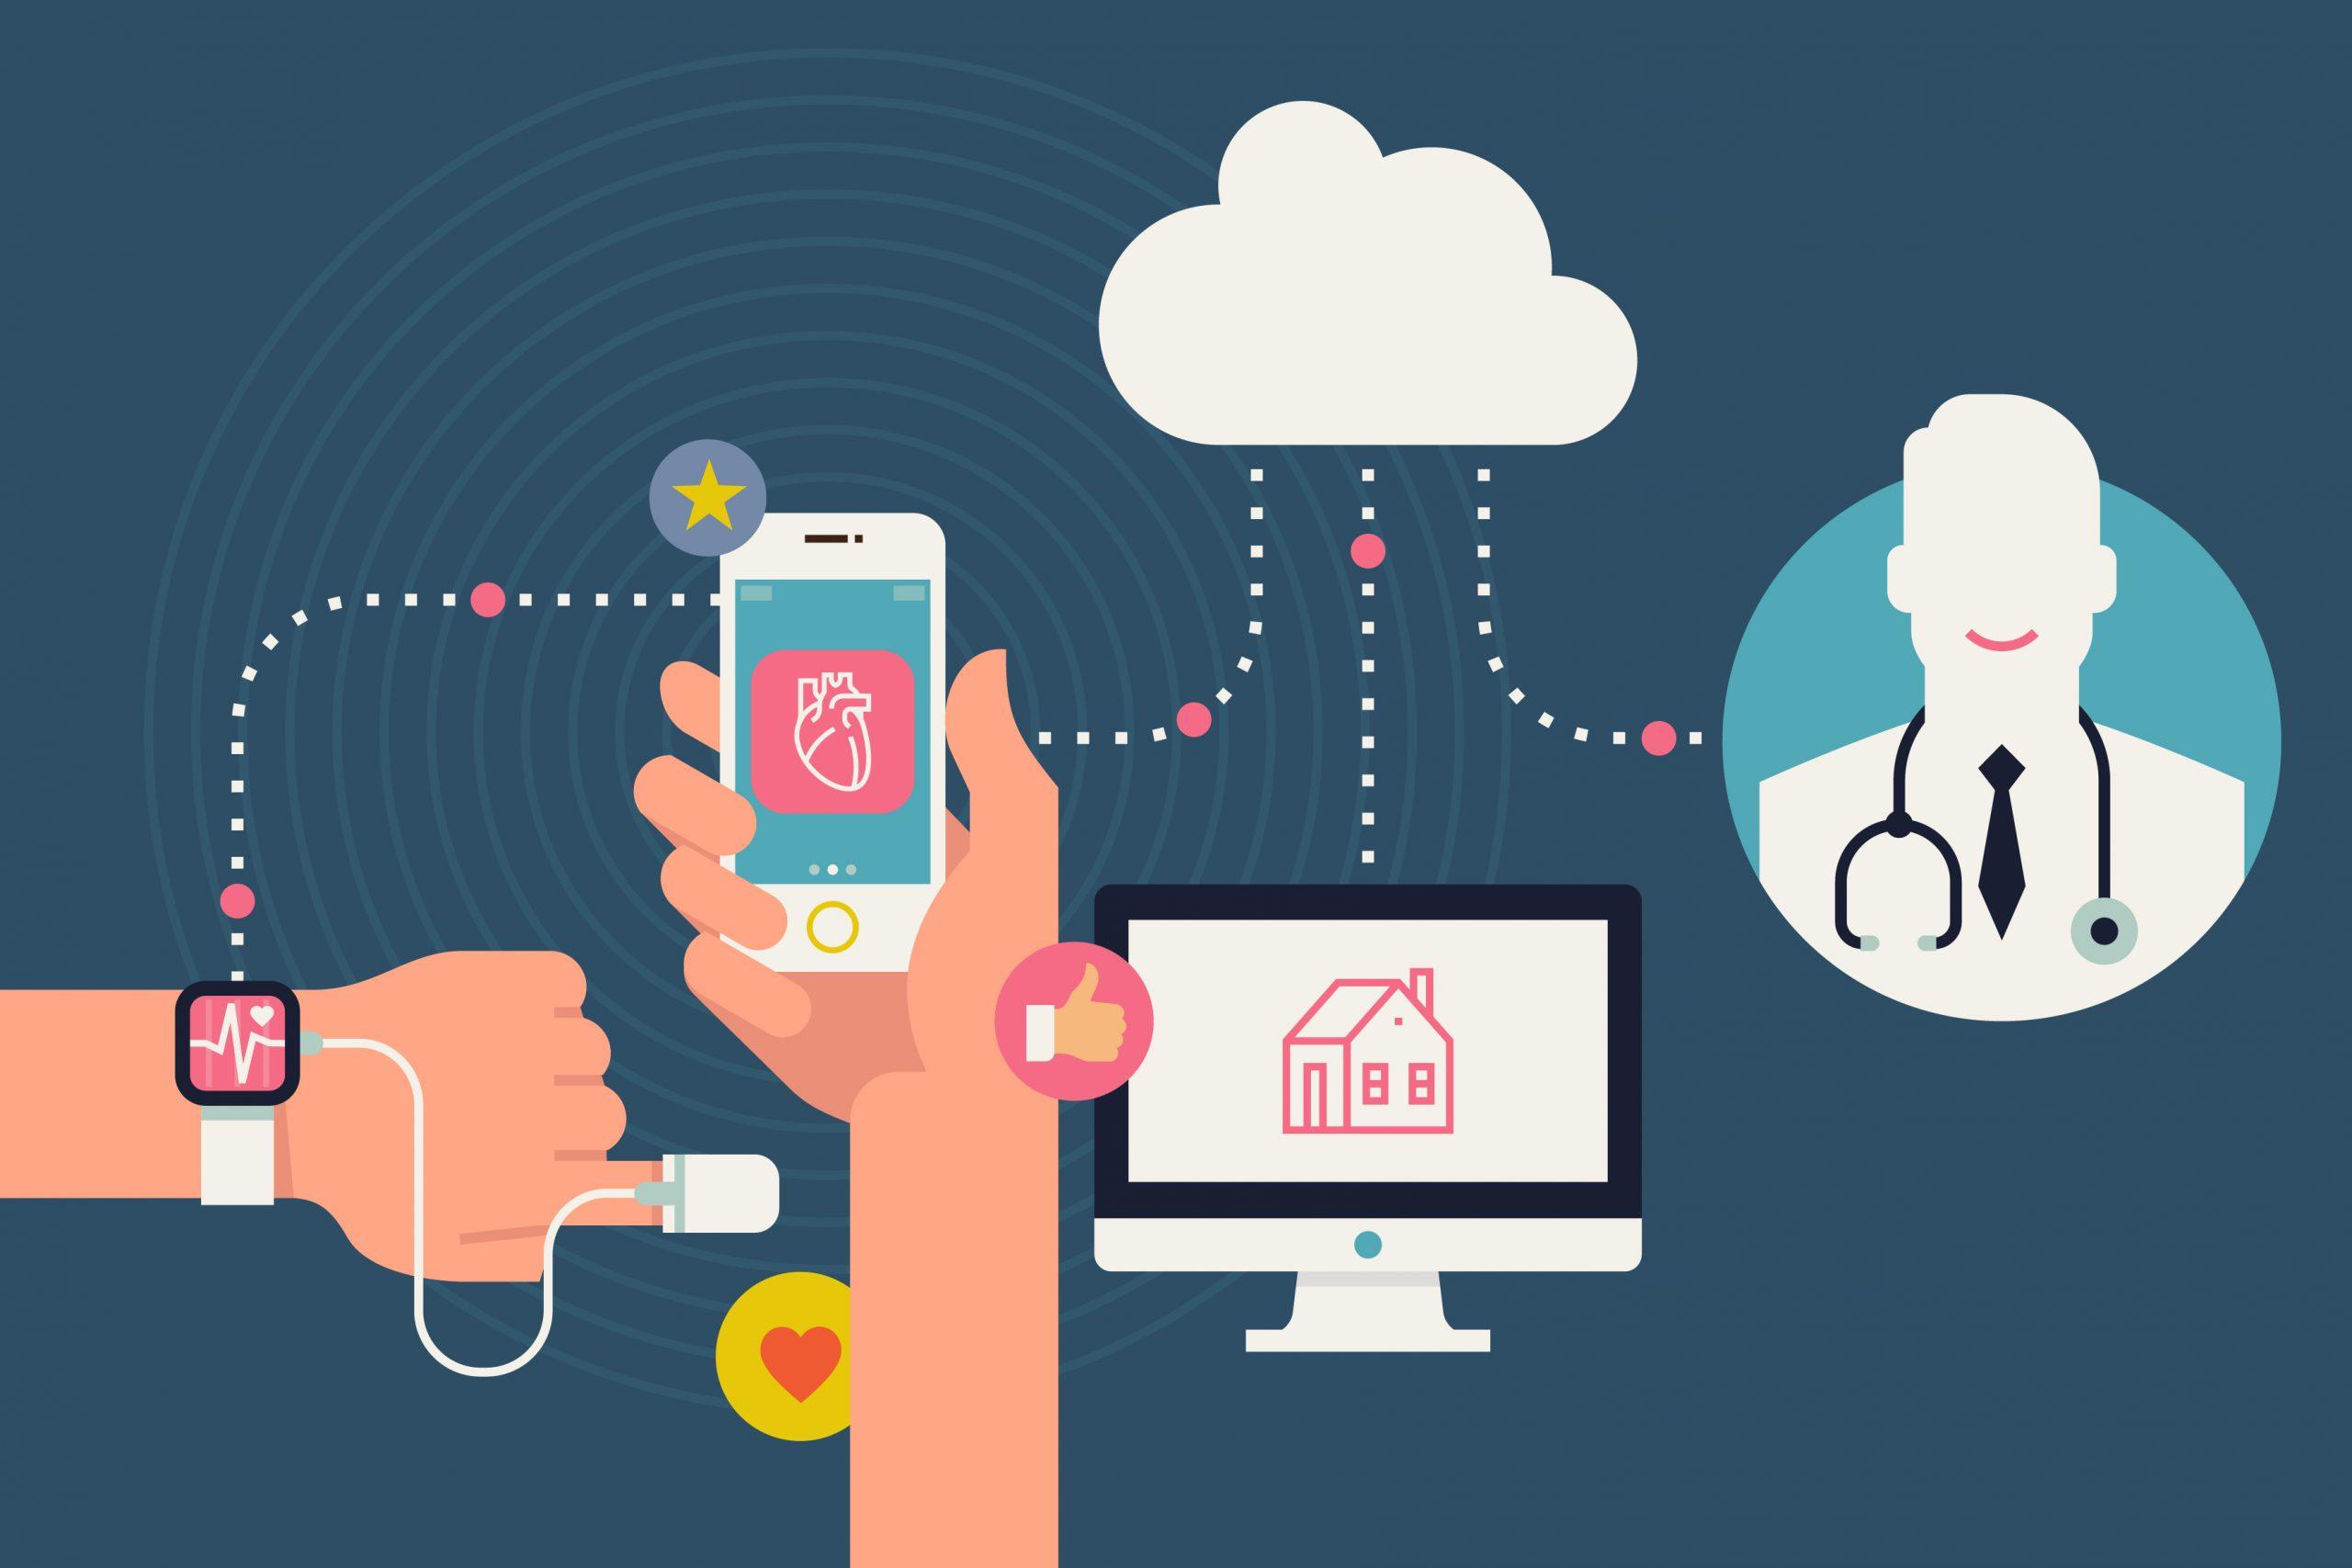 Le APP possono essere un dispositivo medico a cui applicare il Marchio CE